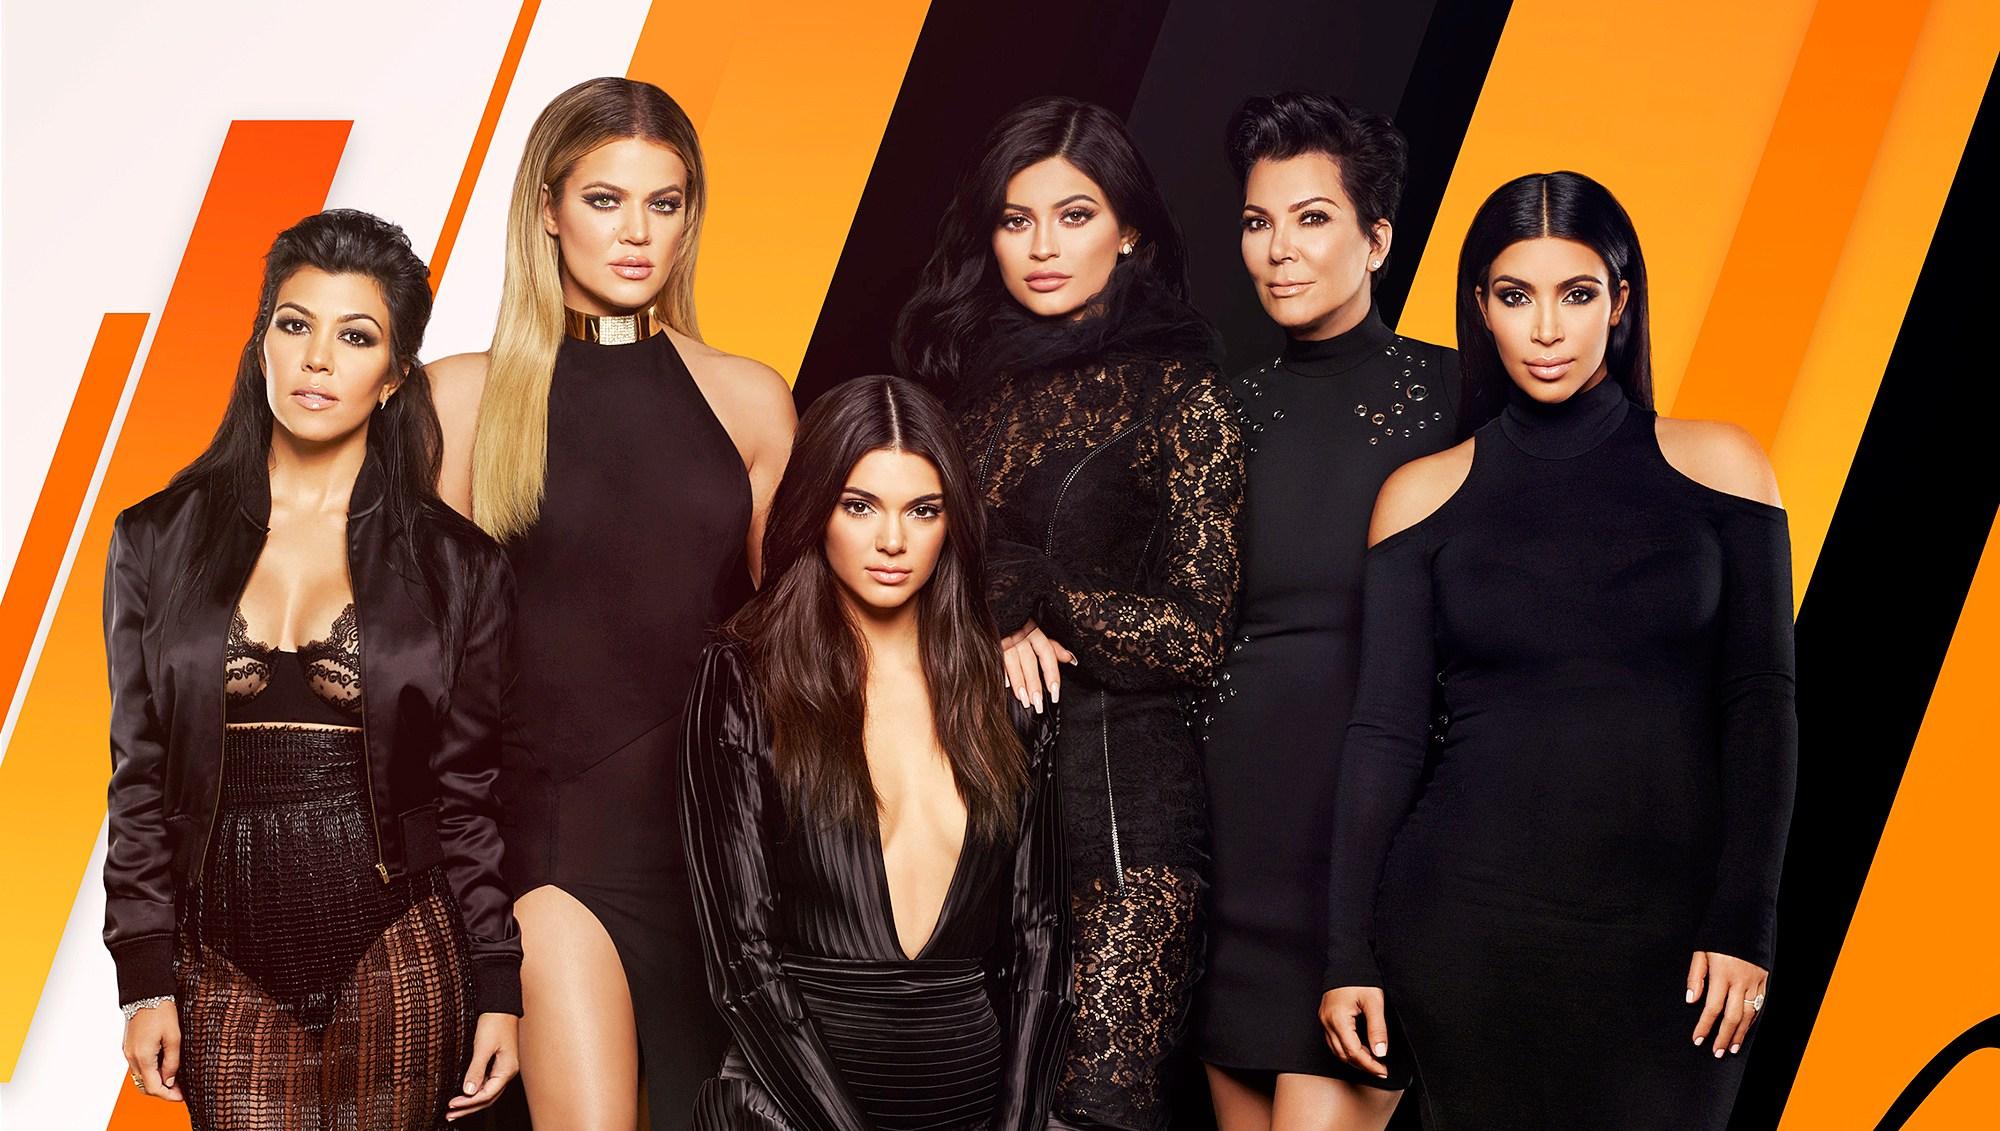 'Keeping Up With the Kardashians' Recap: Khloe Kardashian Praises Jordyn Woods Before Cheating Scandal